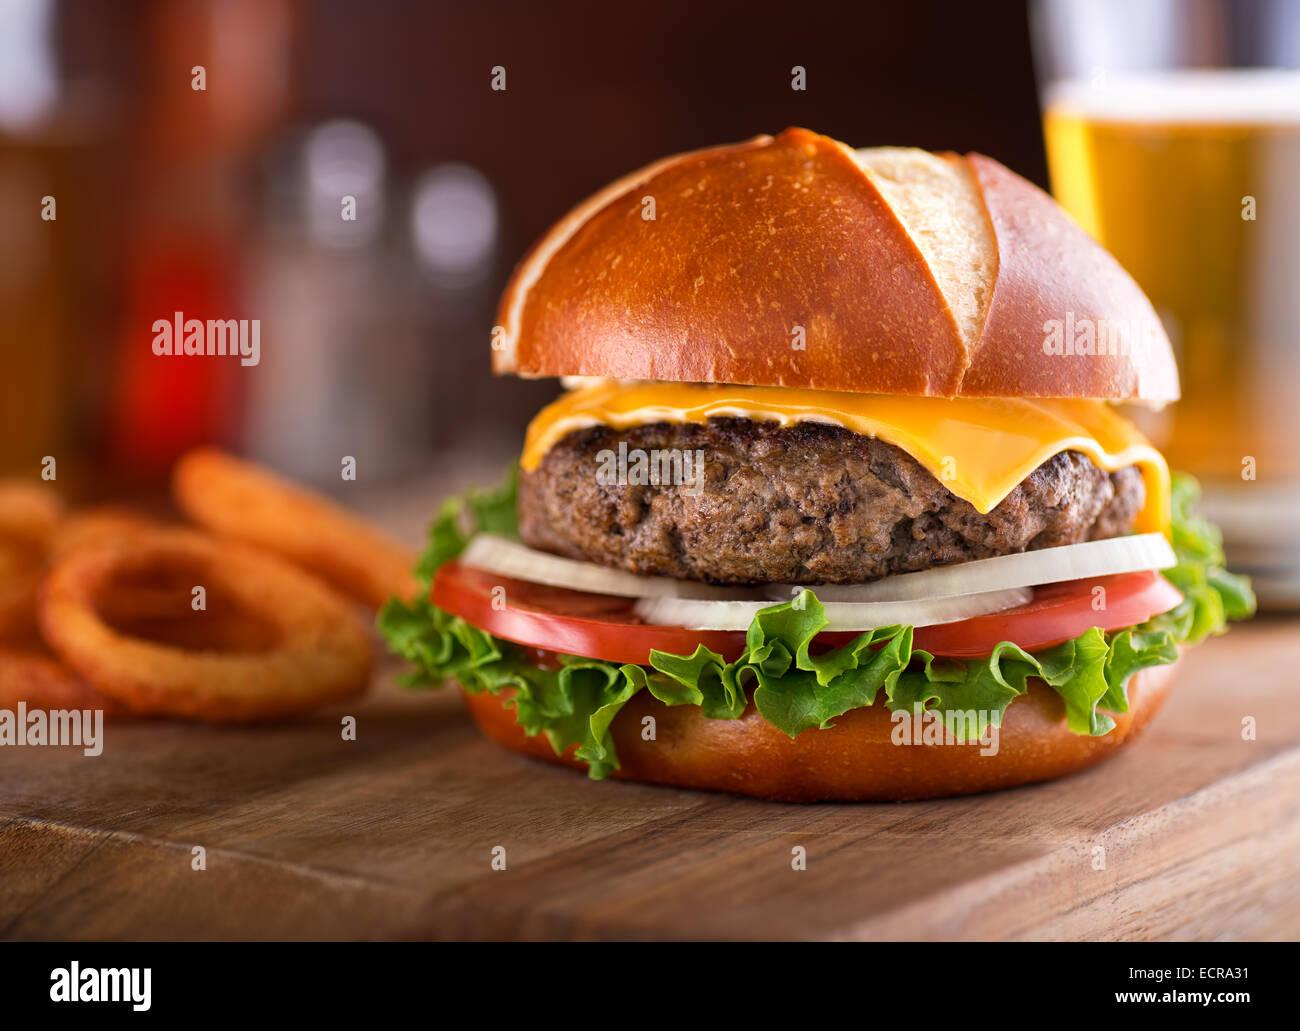 Ein köstliches Gourmet-Cheeseburger auf einem Brezel-Brötchen mit Salat, Zwiebel und Tomate. Stockbild